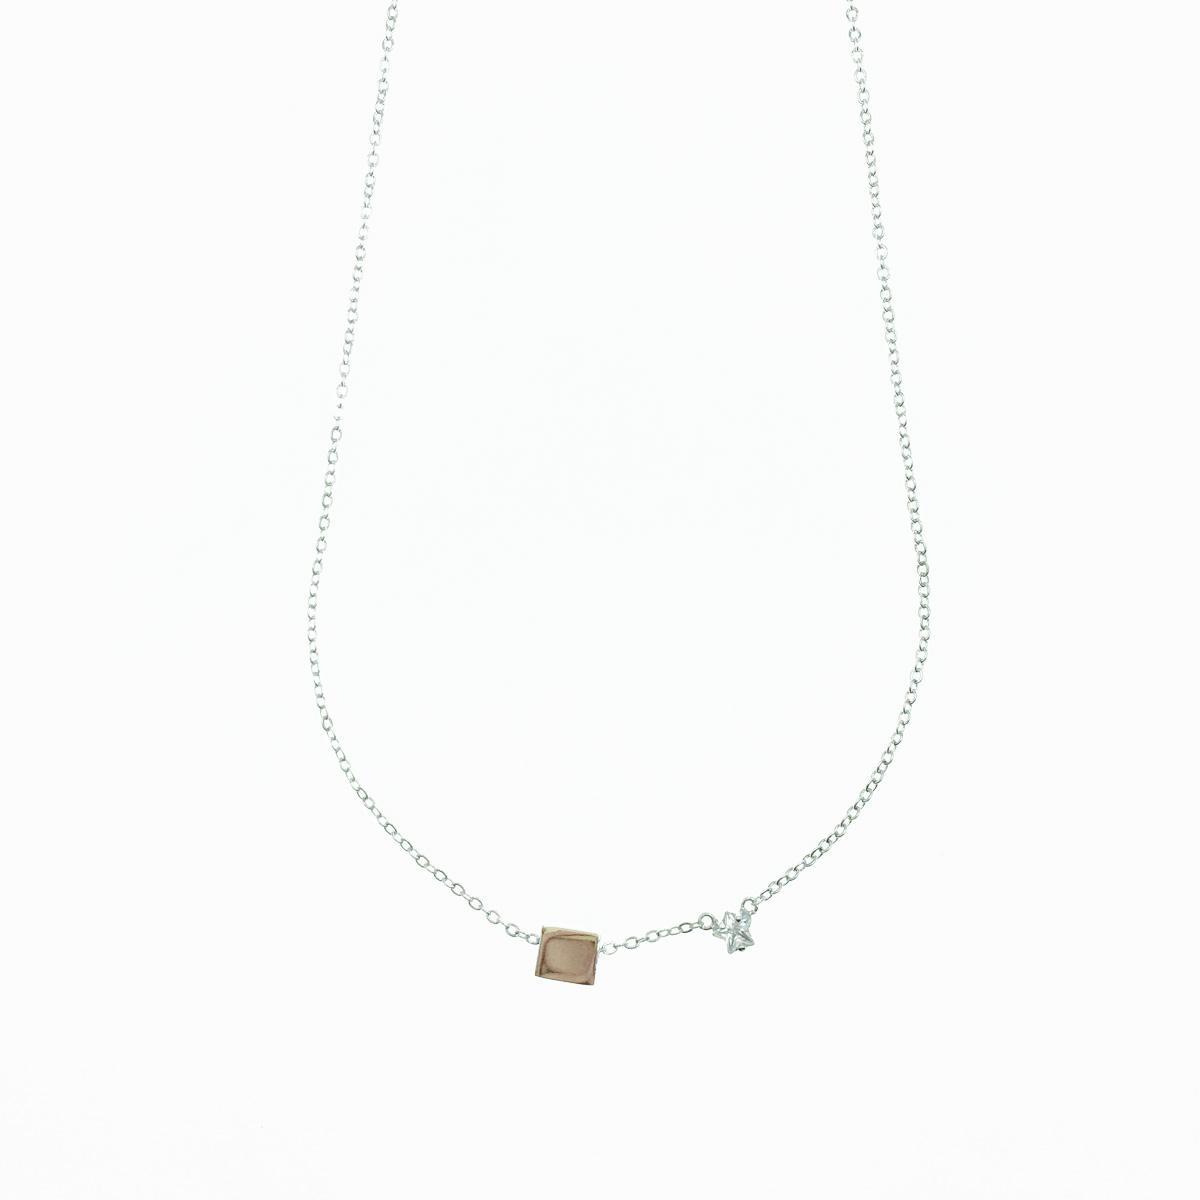 韓國 星星 水鑽 金屬方塊 百搭 簡約 項鍊